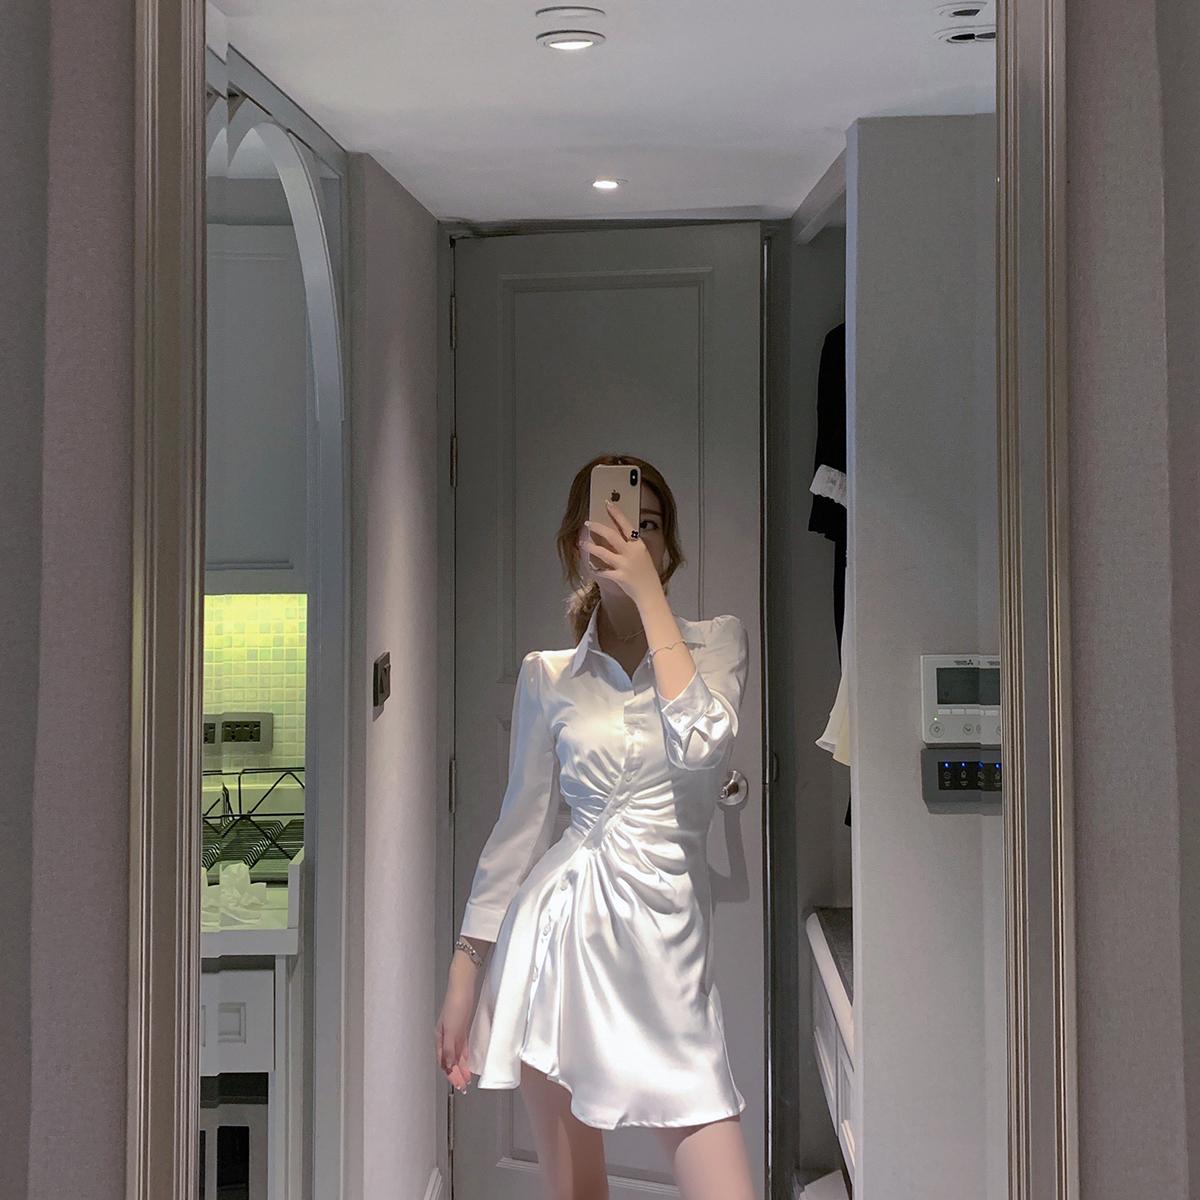 ByYou 夏季衬衫领白色绸缎连衣裙女设计感气质收腰显瘦不规则裙子